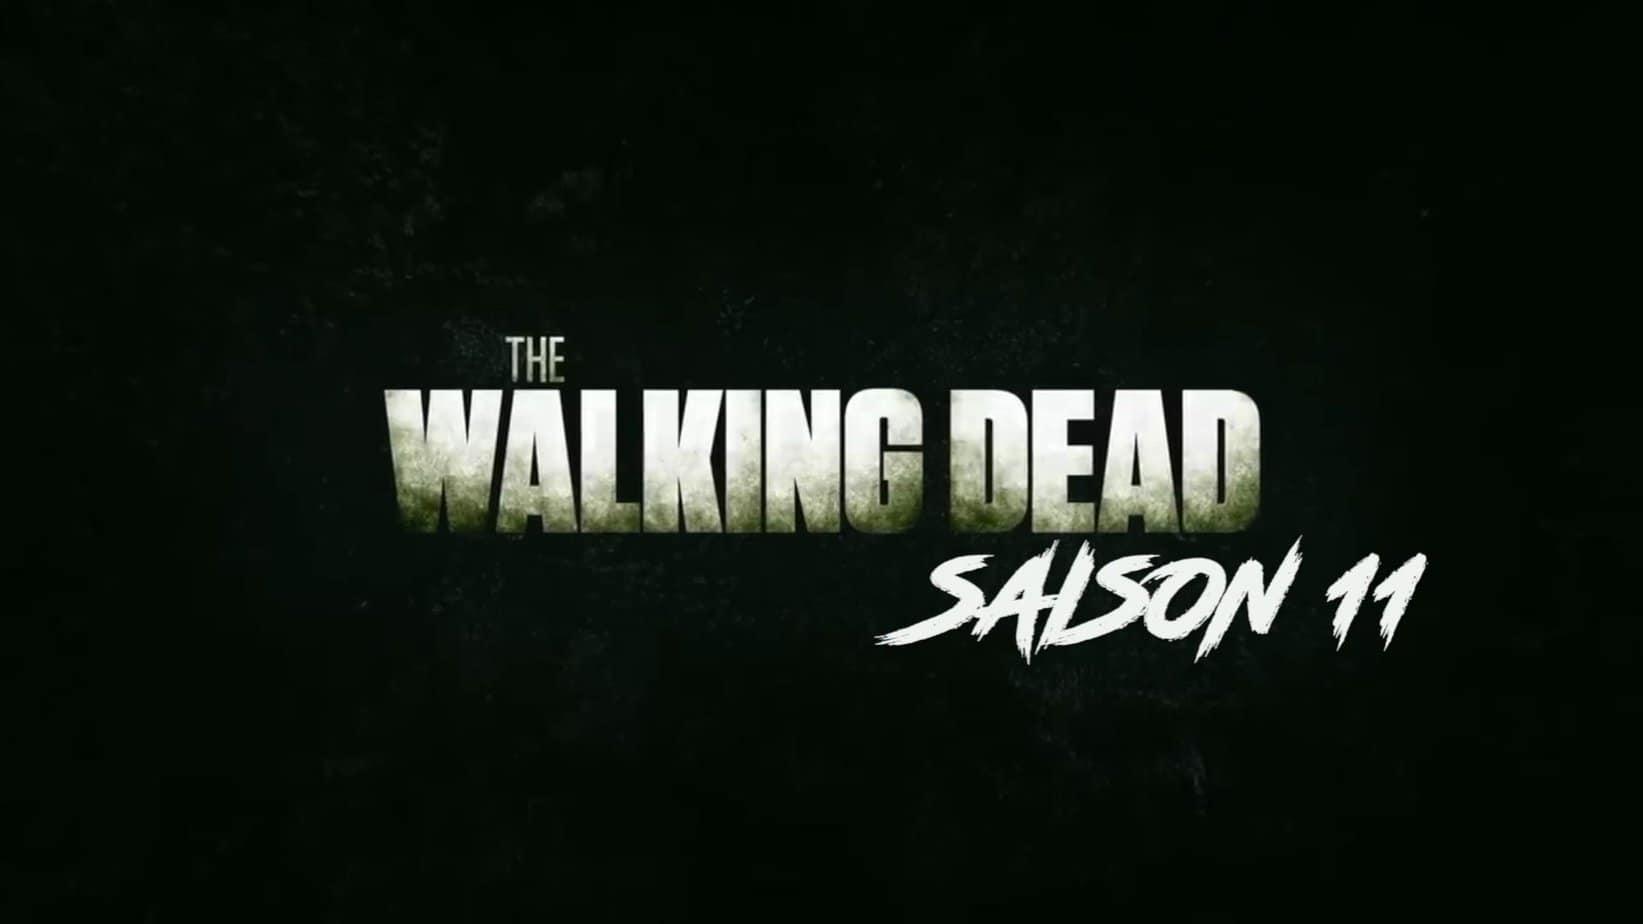 La Saison 11 de The Walking Dead : date de sortie, bande-annonce, et plus encore ! 28